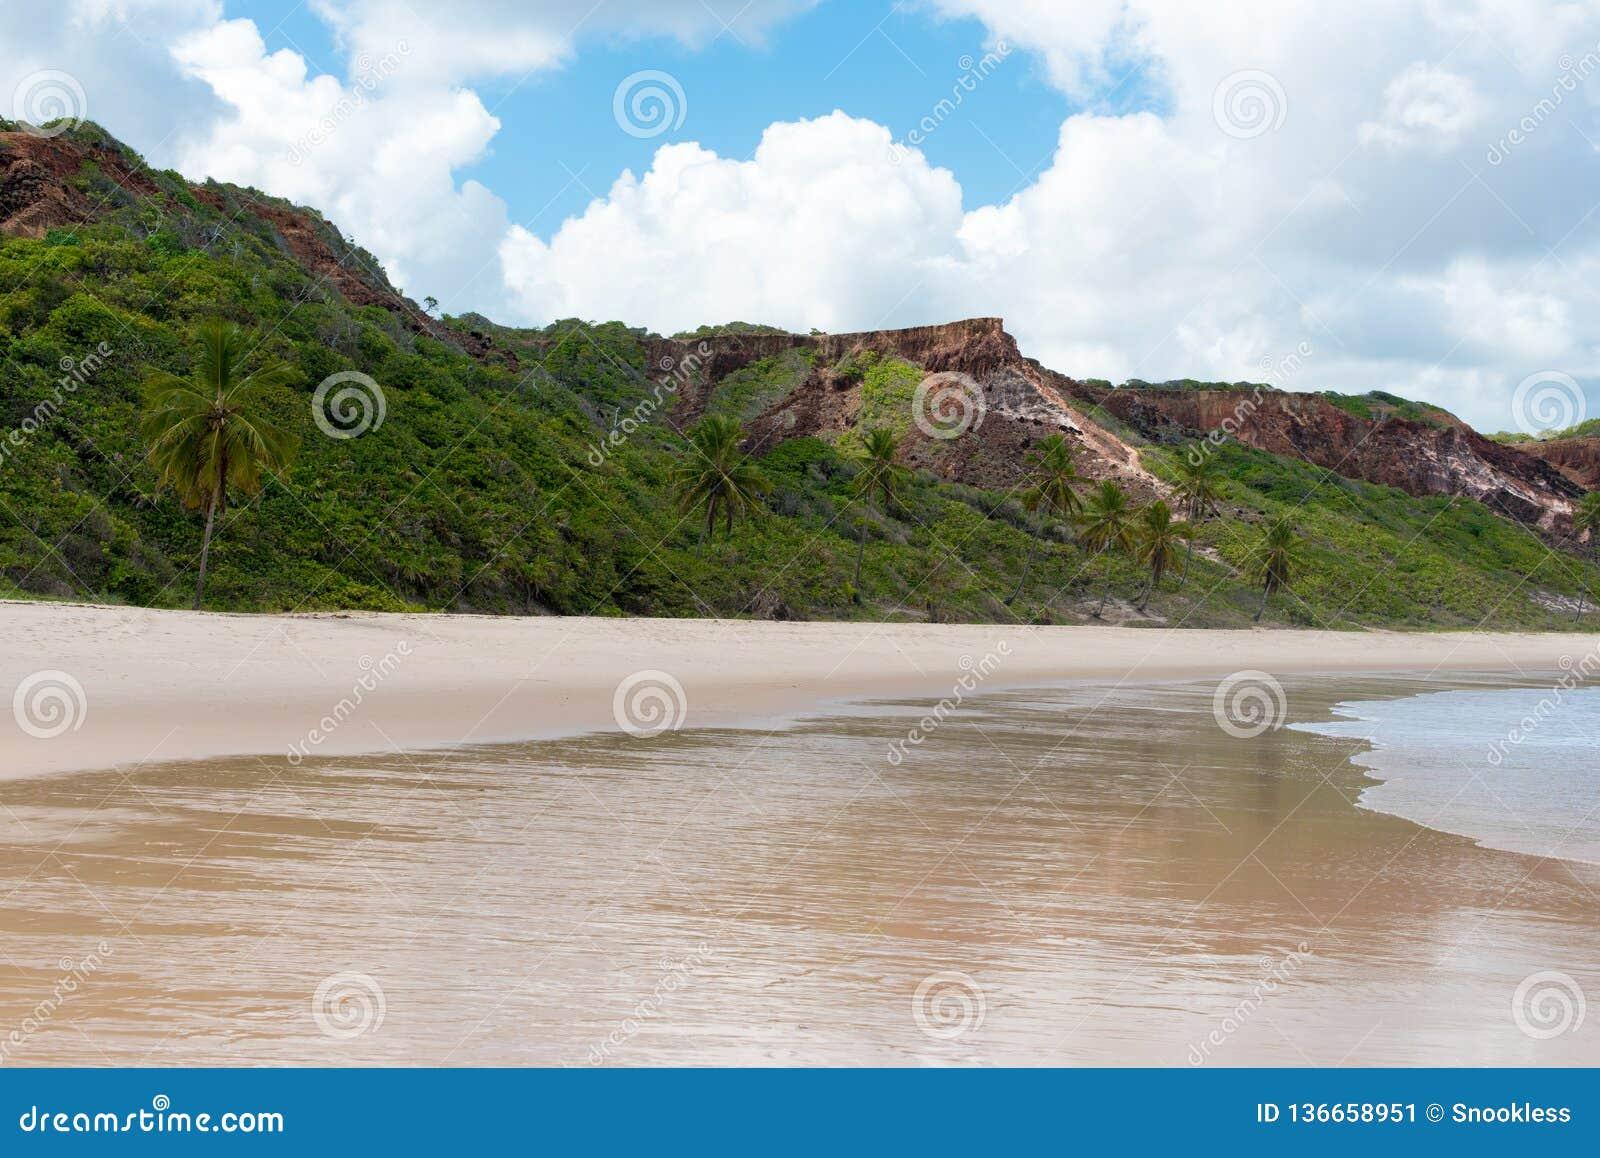 Гористая бразильская береговая линия